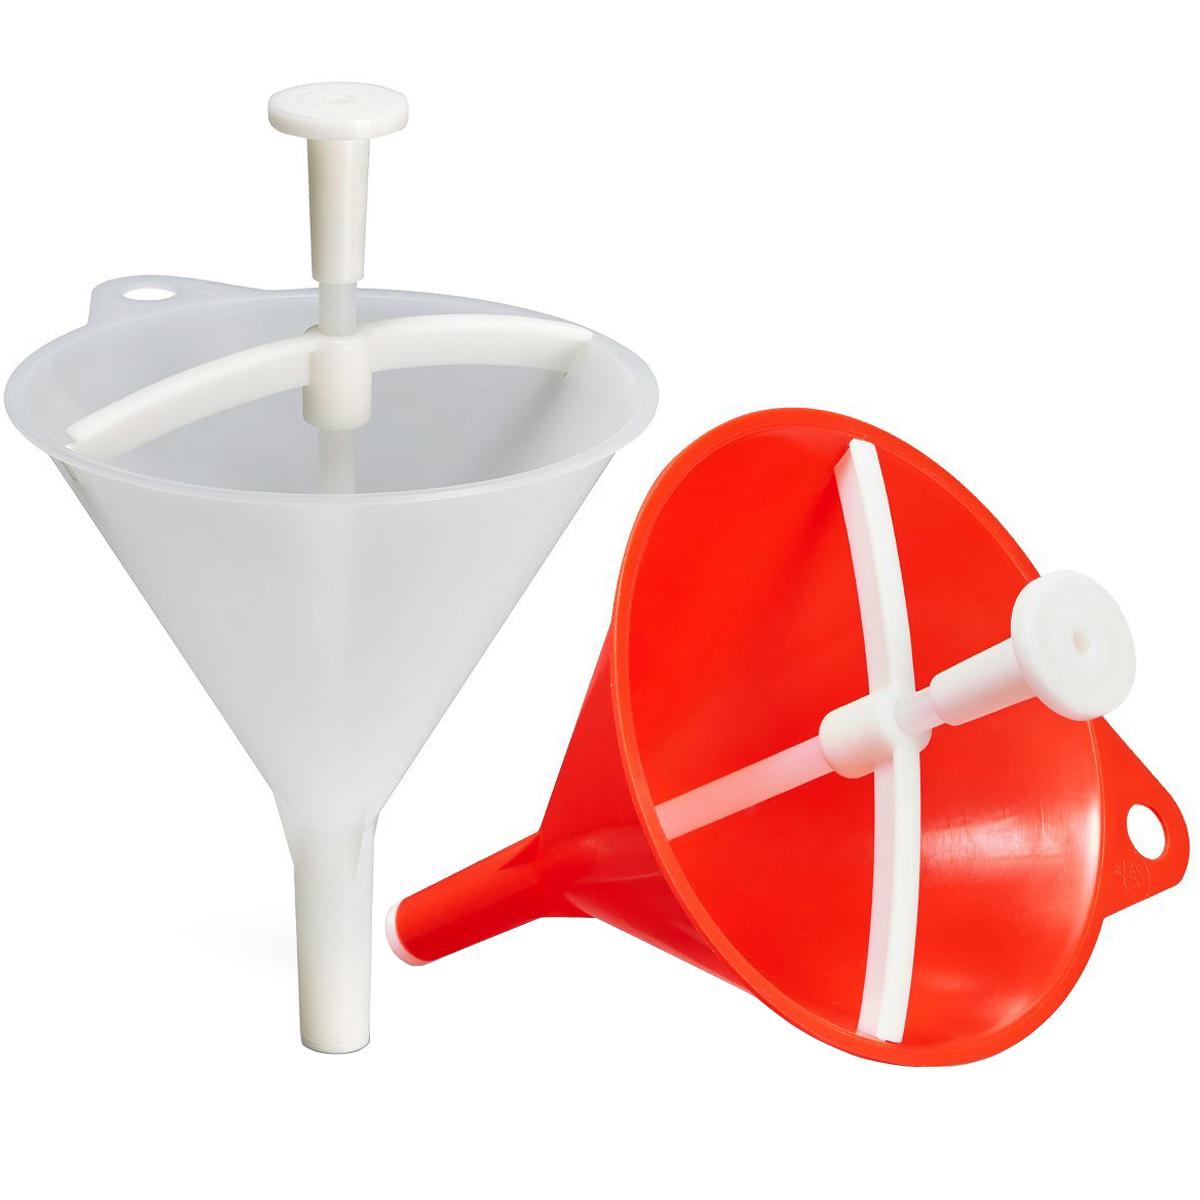 Drychter Trichter Einfüllhilfe Einfülltrichter Haushalt Benzin Öl - Das Original